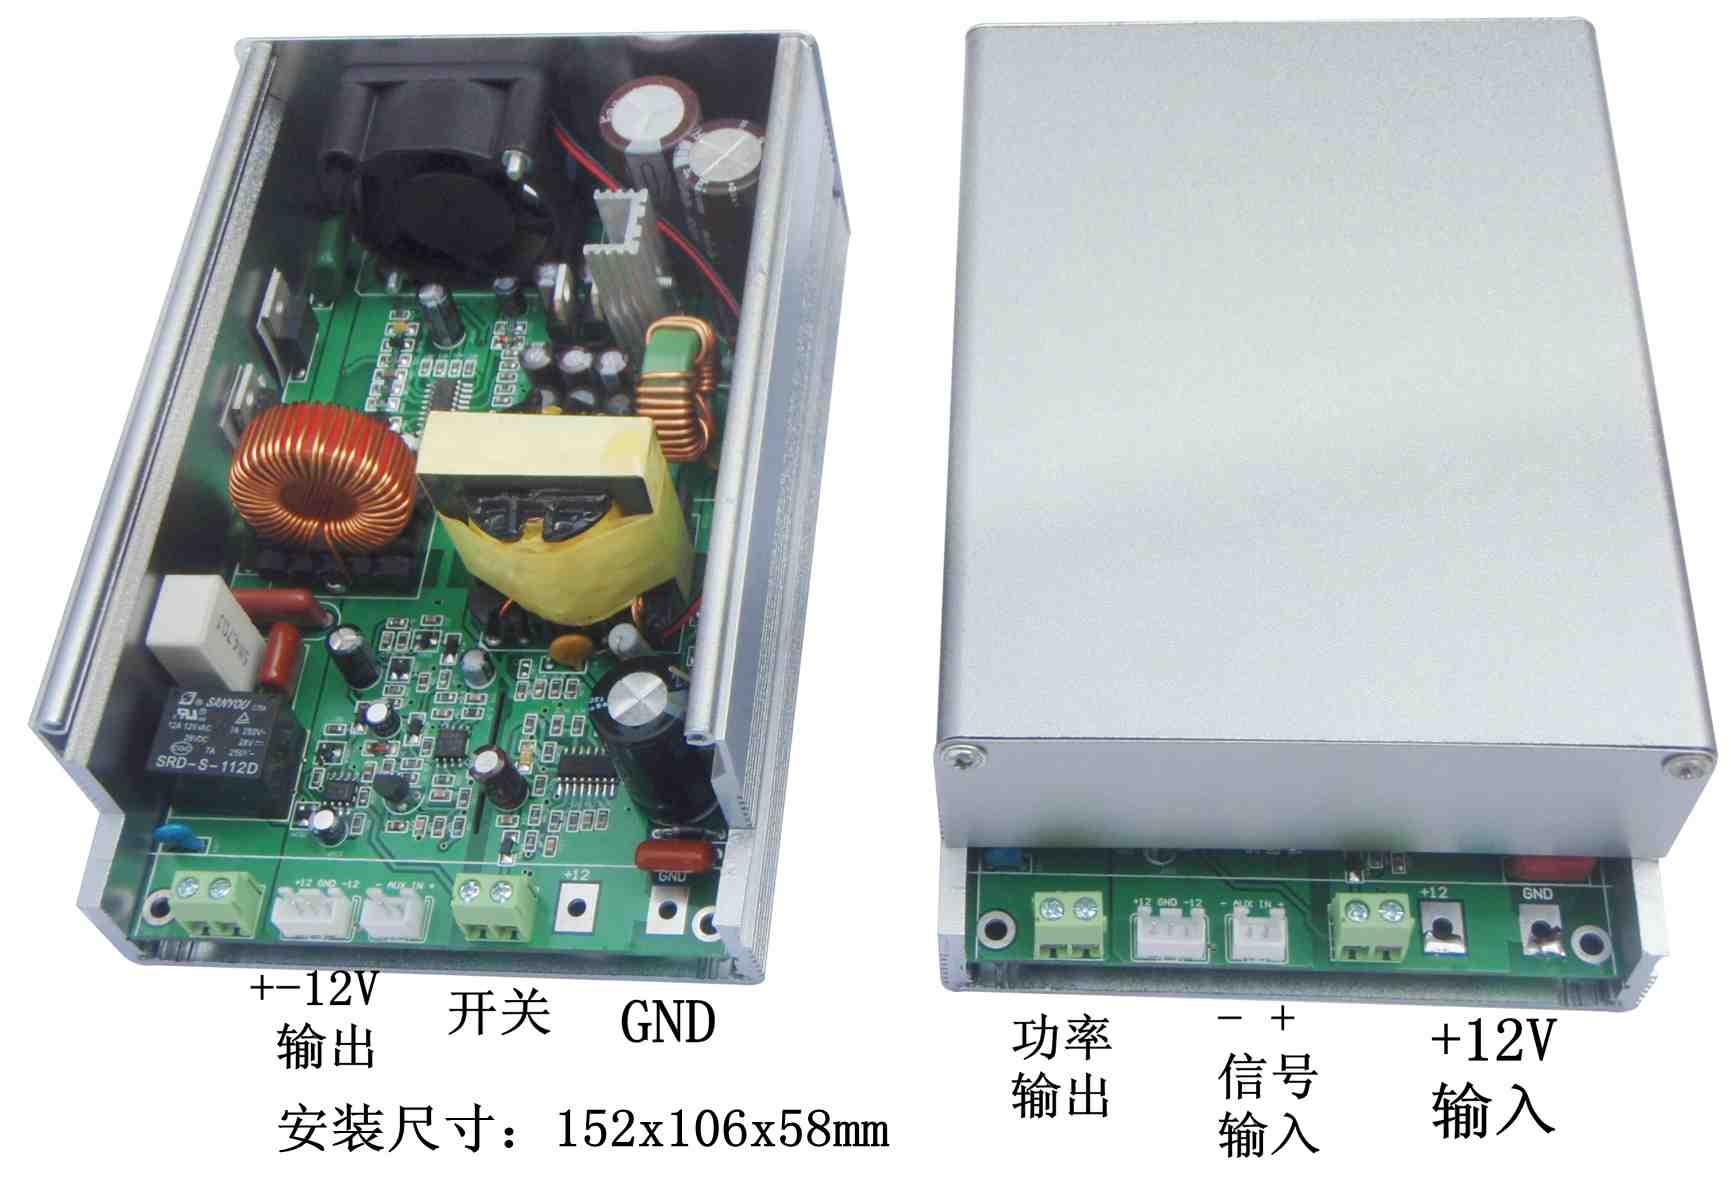 功放板 直流功放板,数字功放板,汽车功放板尽在普宁市松田电子高清图片